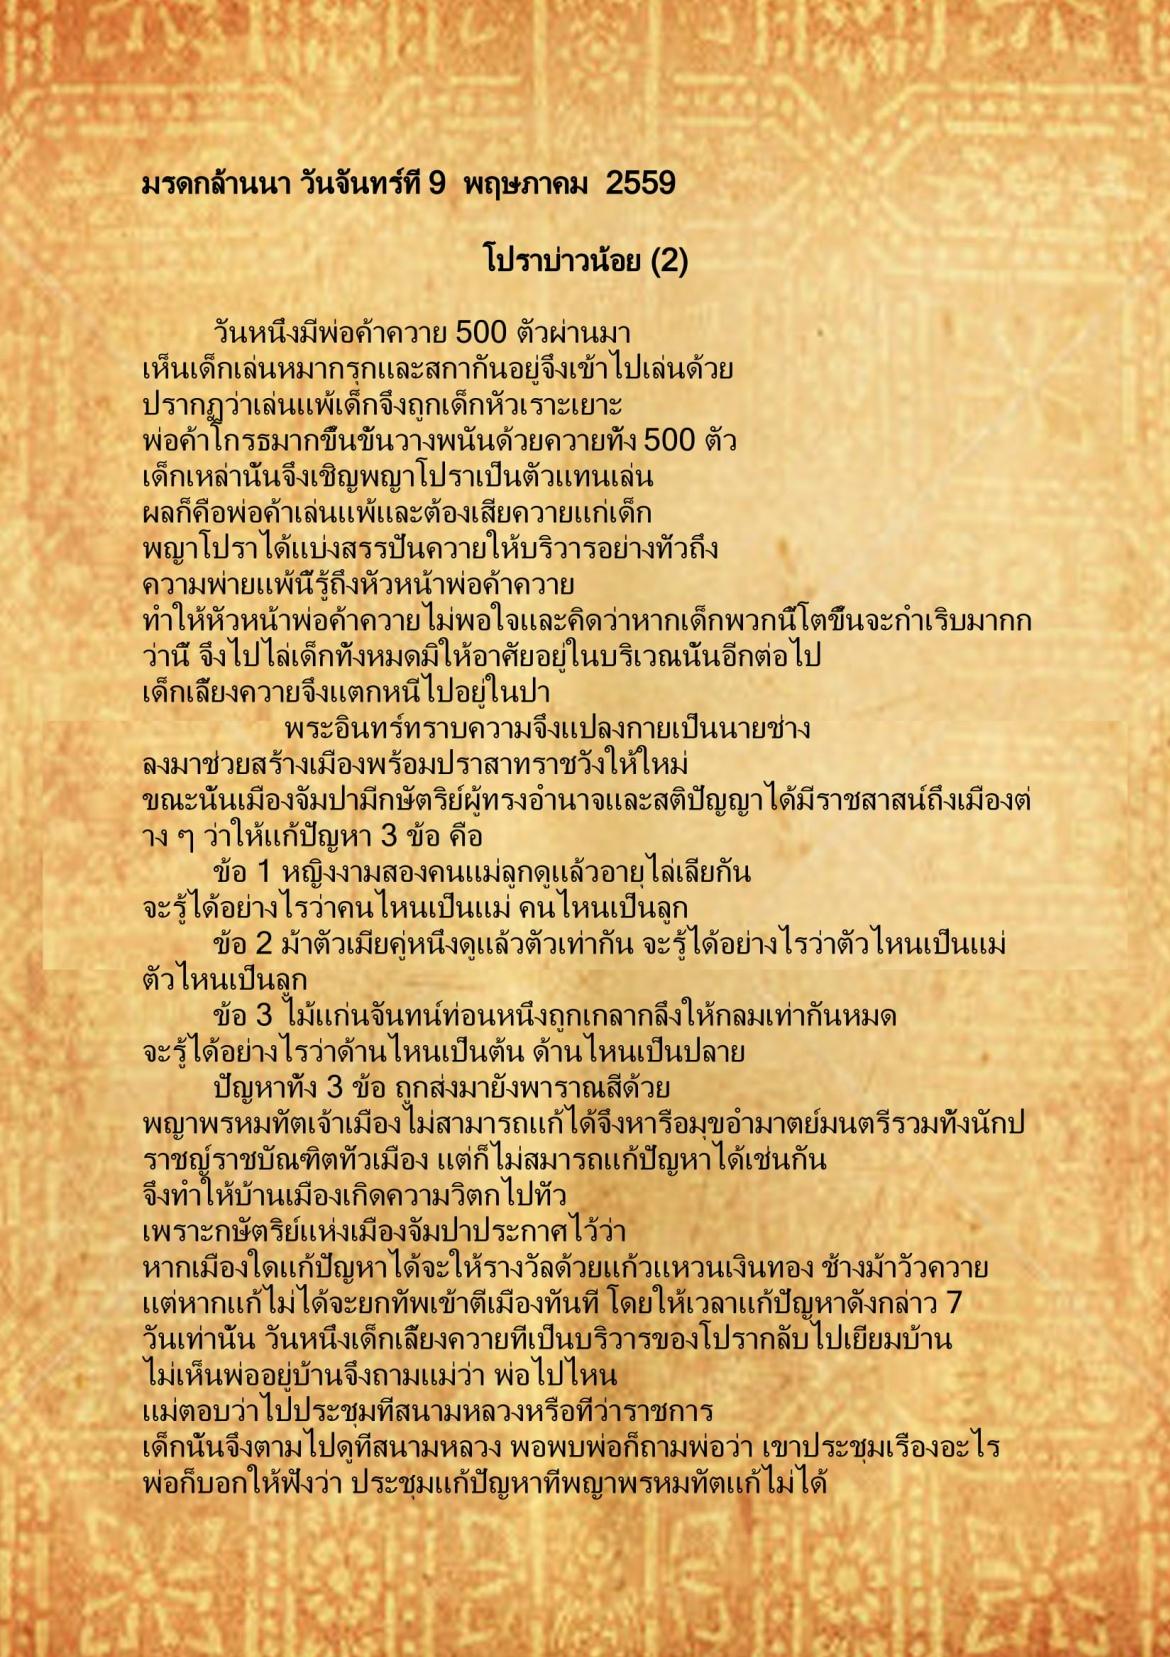 โปราบ่าวน้อย (2) - 9  พฤษภาคม  2559